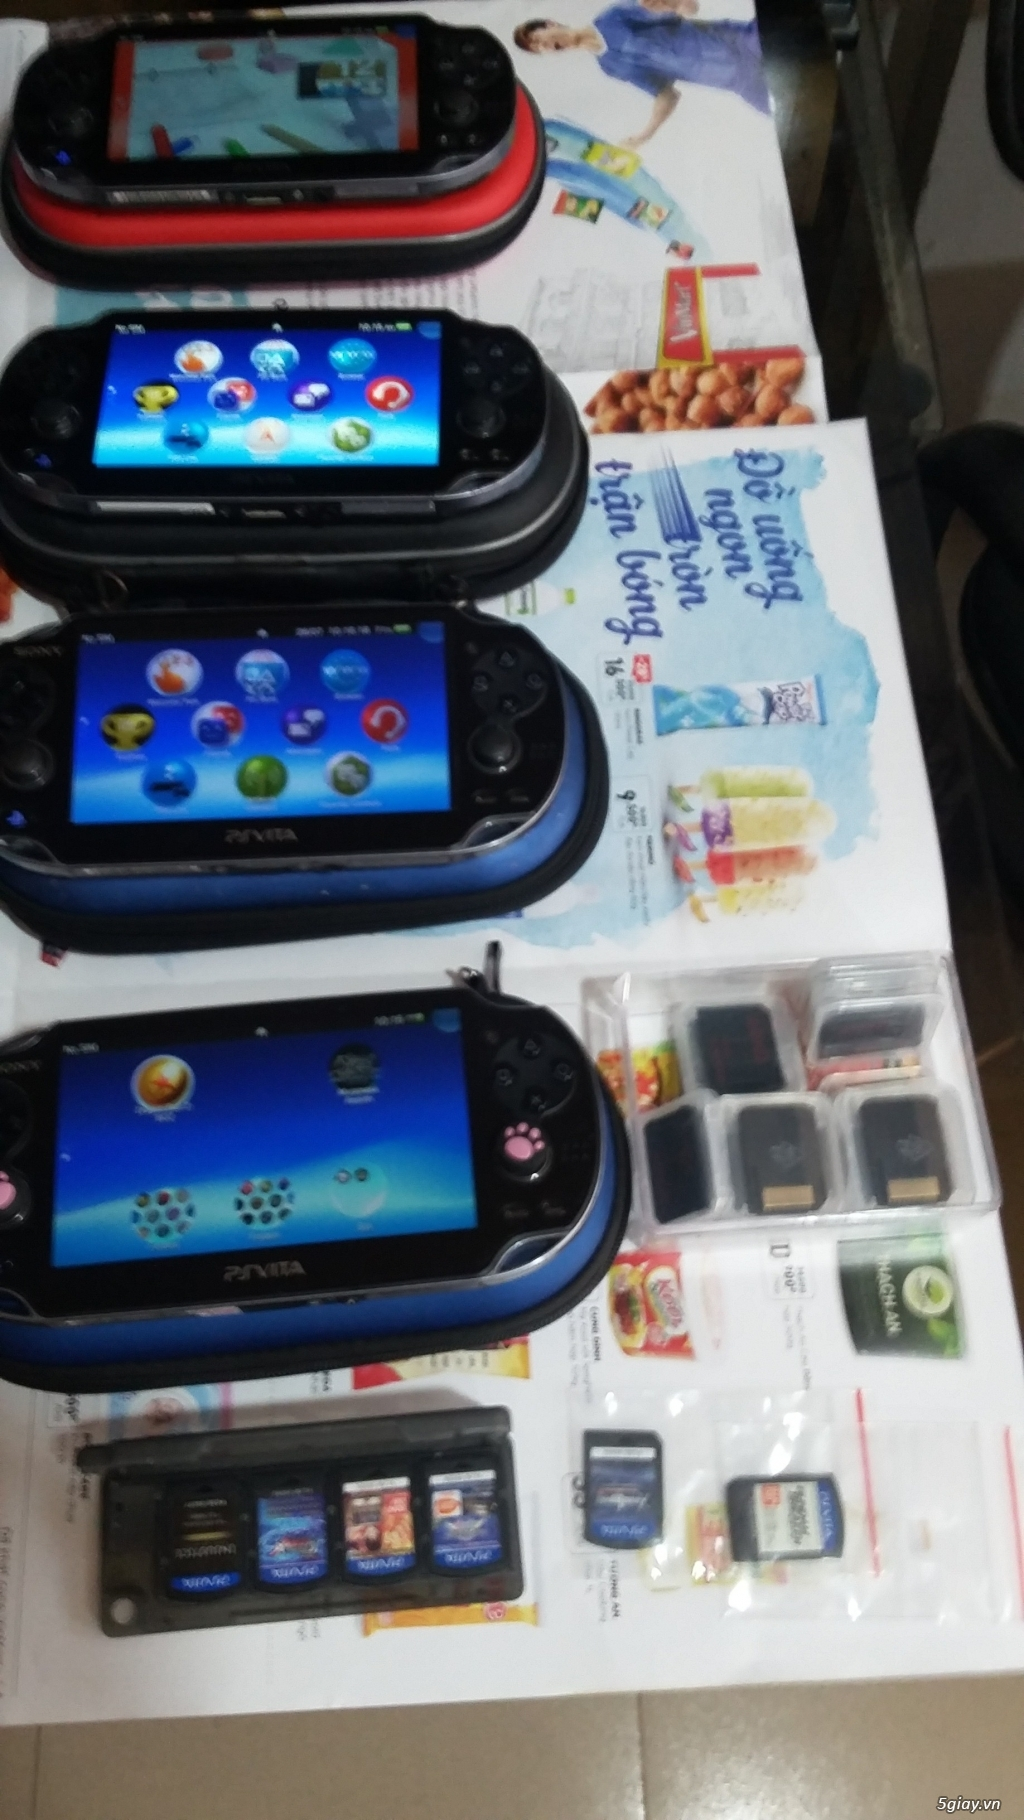 ShopPHUOCLOI: Chuyên mua bán máy game : PS4,PS3,PS2,PS VITA,PSP,XBOX,NINTENDO NEW 2DS ,3DS - 3